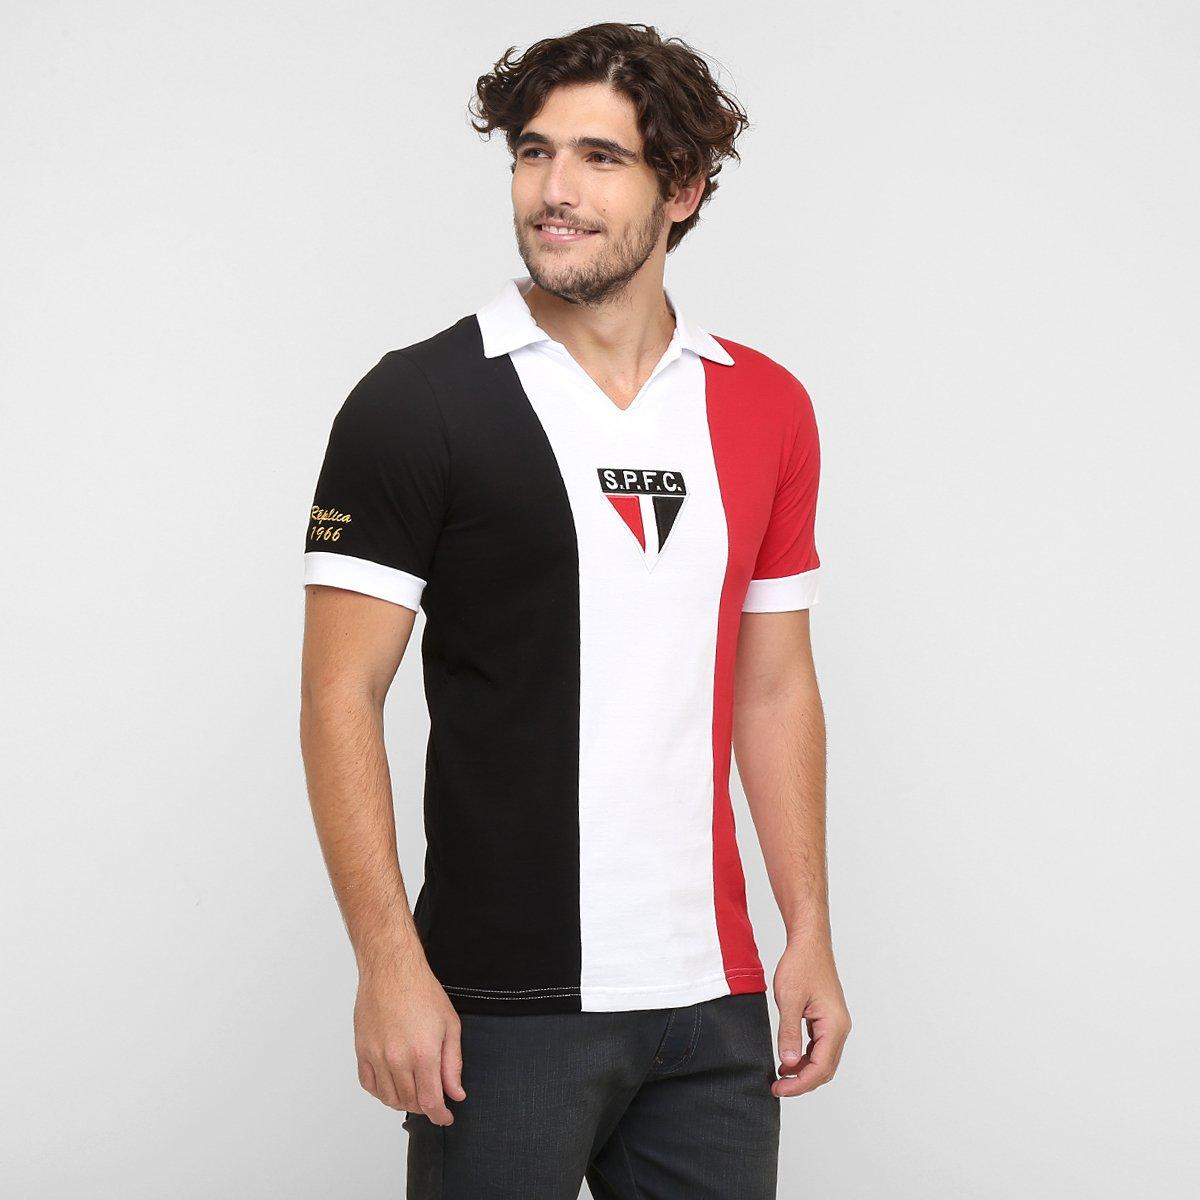 42c6cfce5f Camisa Polo São Paulo Réplica 1966 - Compre Agora